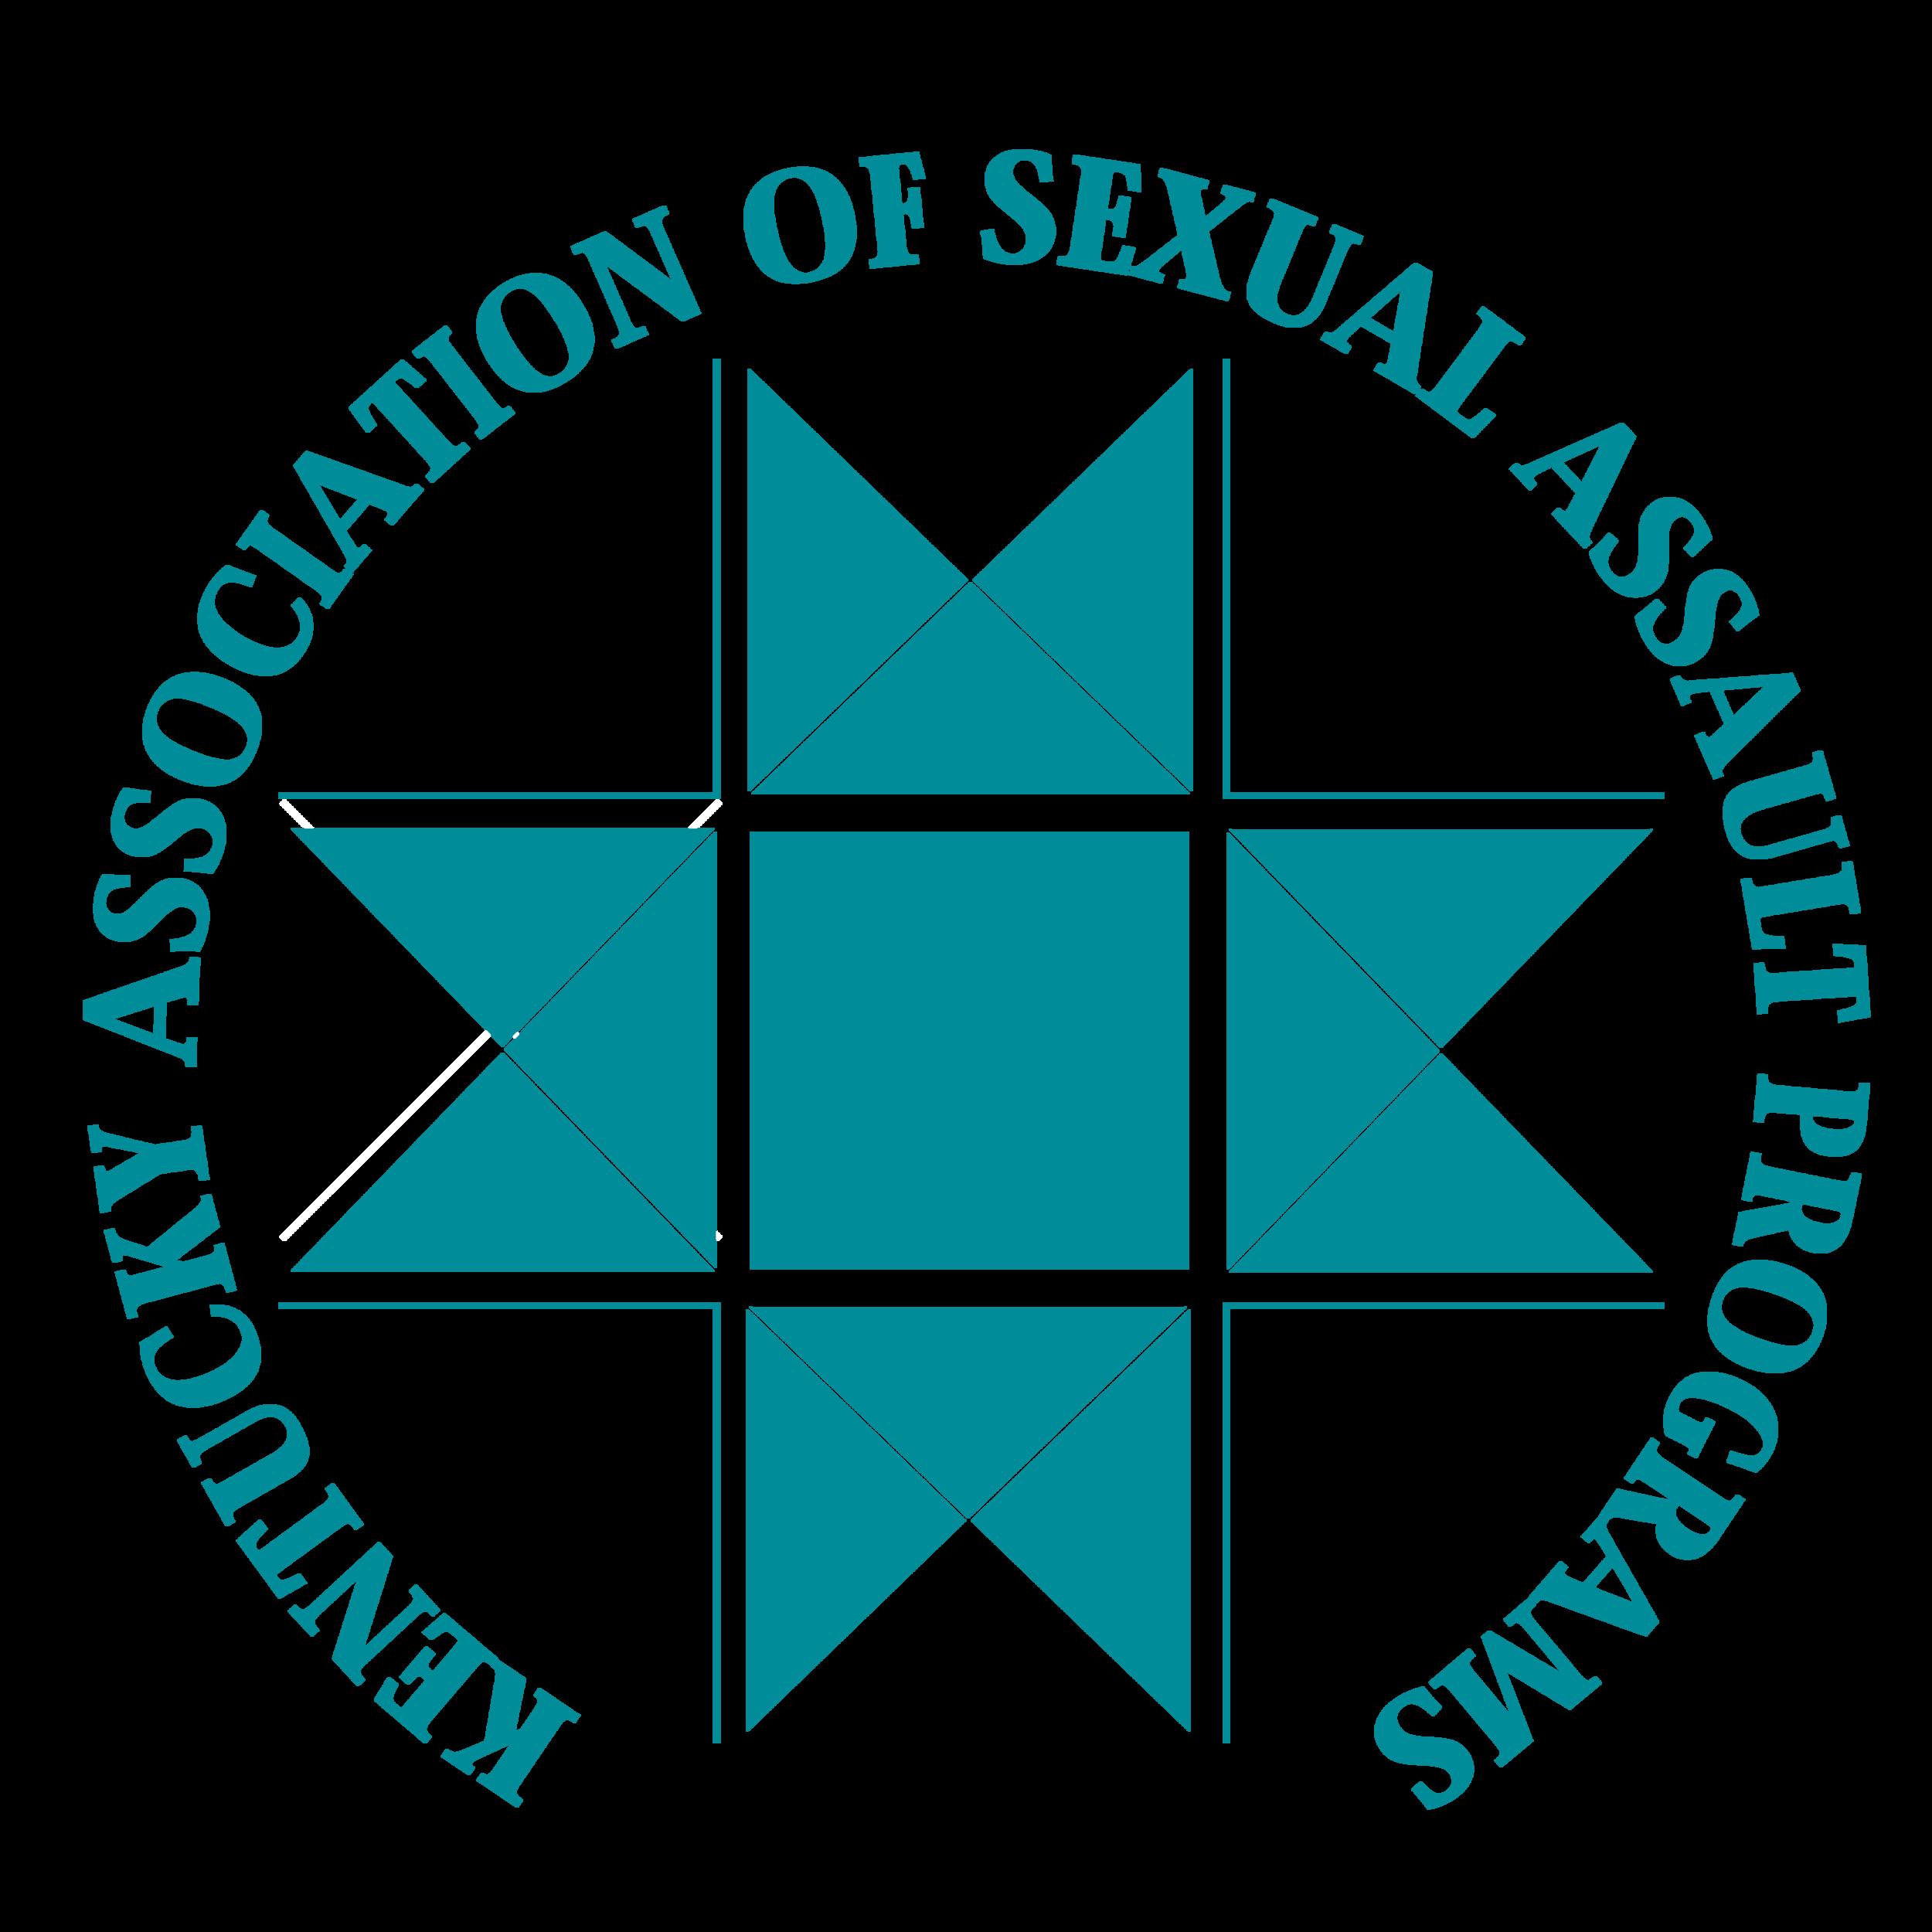 Kentucky Association of Sexual Assault Programs (KASAP)